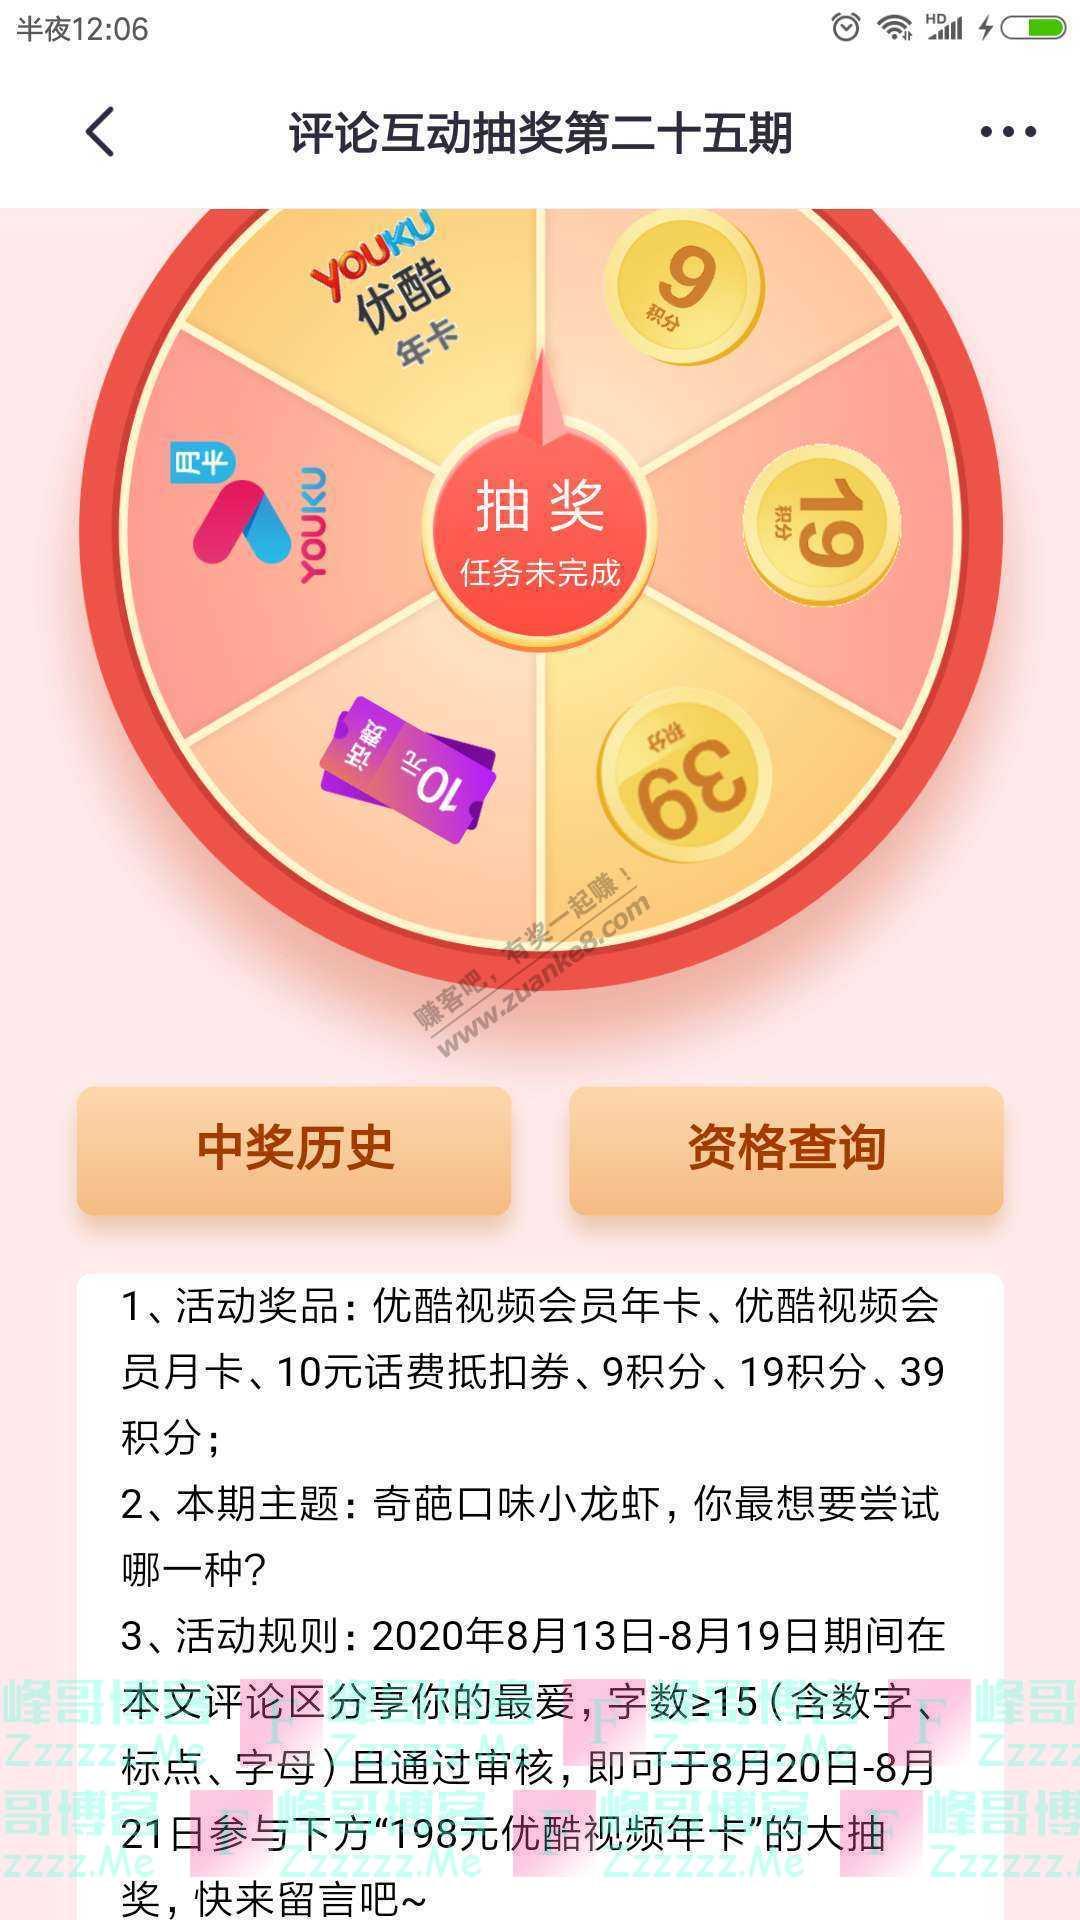 掌上生活app评论互动抽奖第二十五期(截止8月21日)